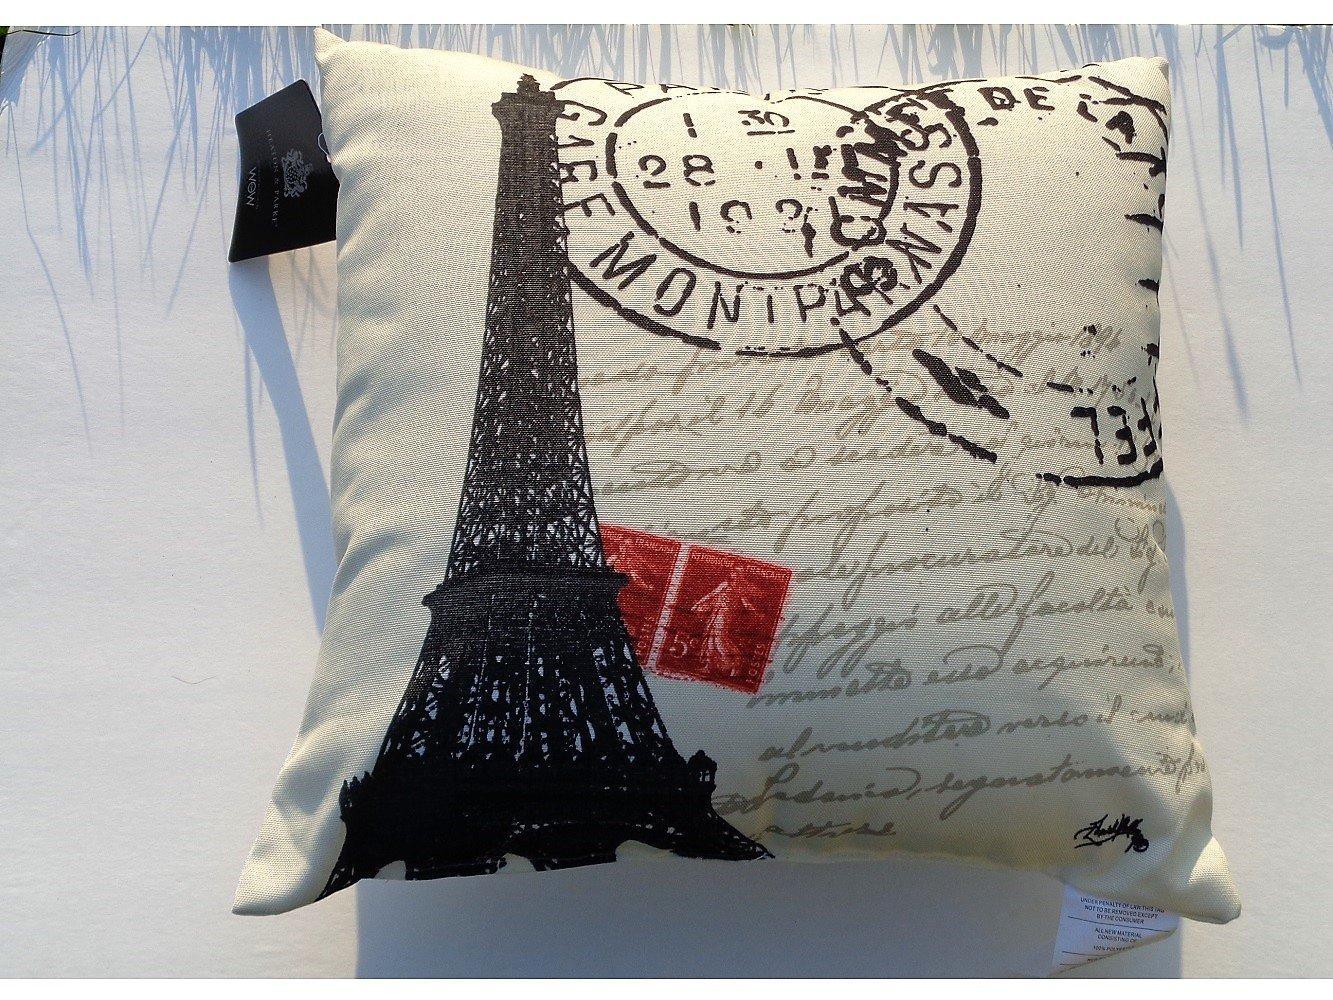 Eiffel Tower Paris Decorative Couch Pillow